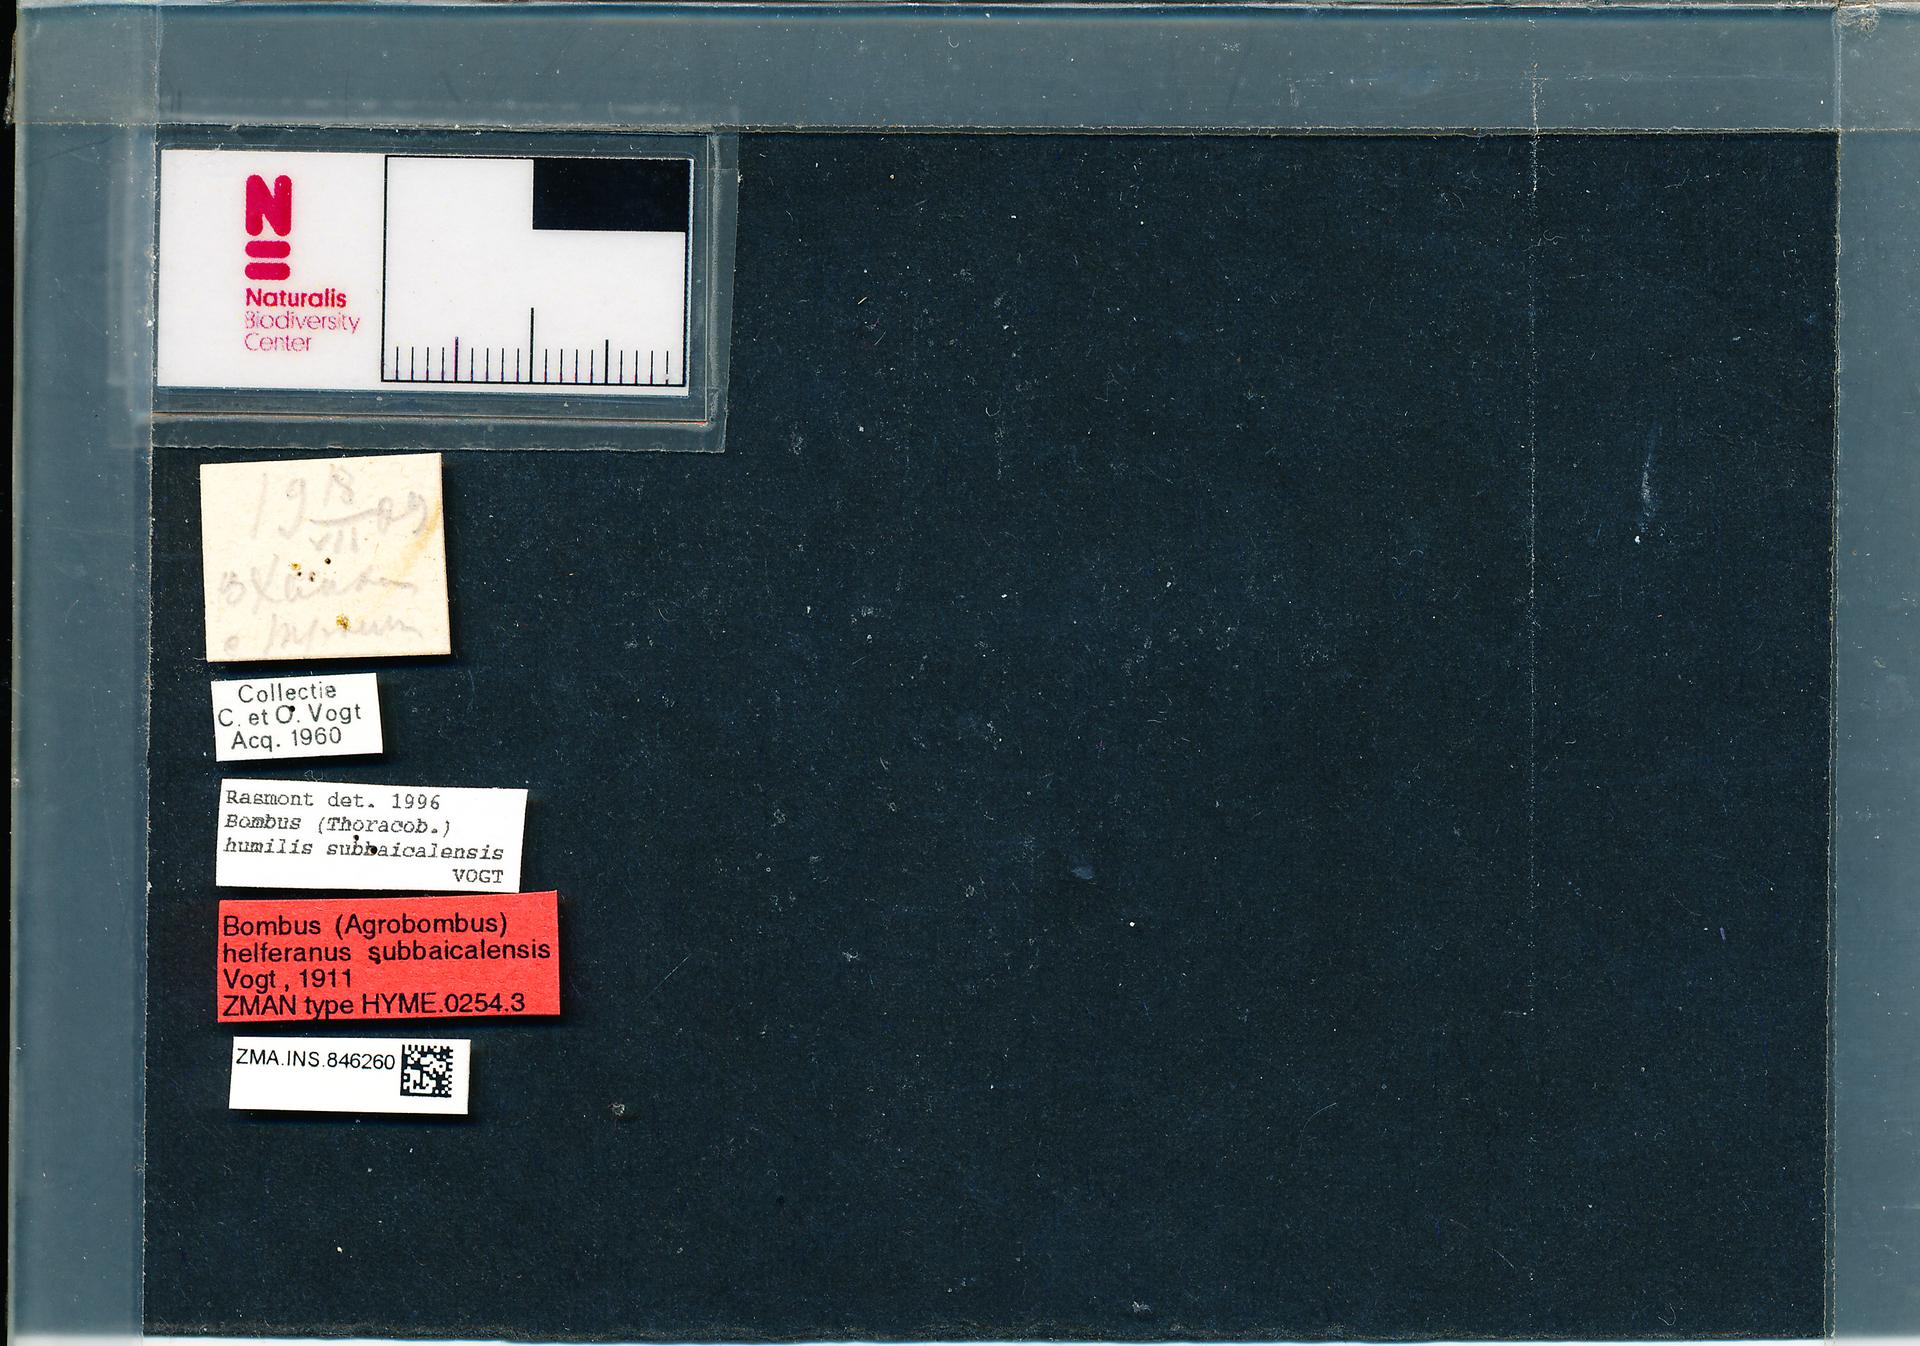 ZMA.INS.846260 | Bombus (Thoracobombus) humilis subbaicalensis Vogt, 1911